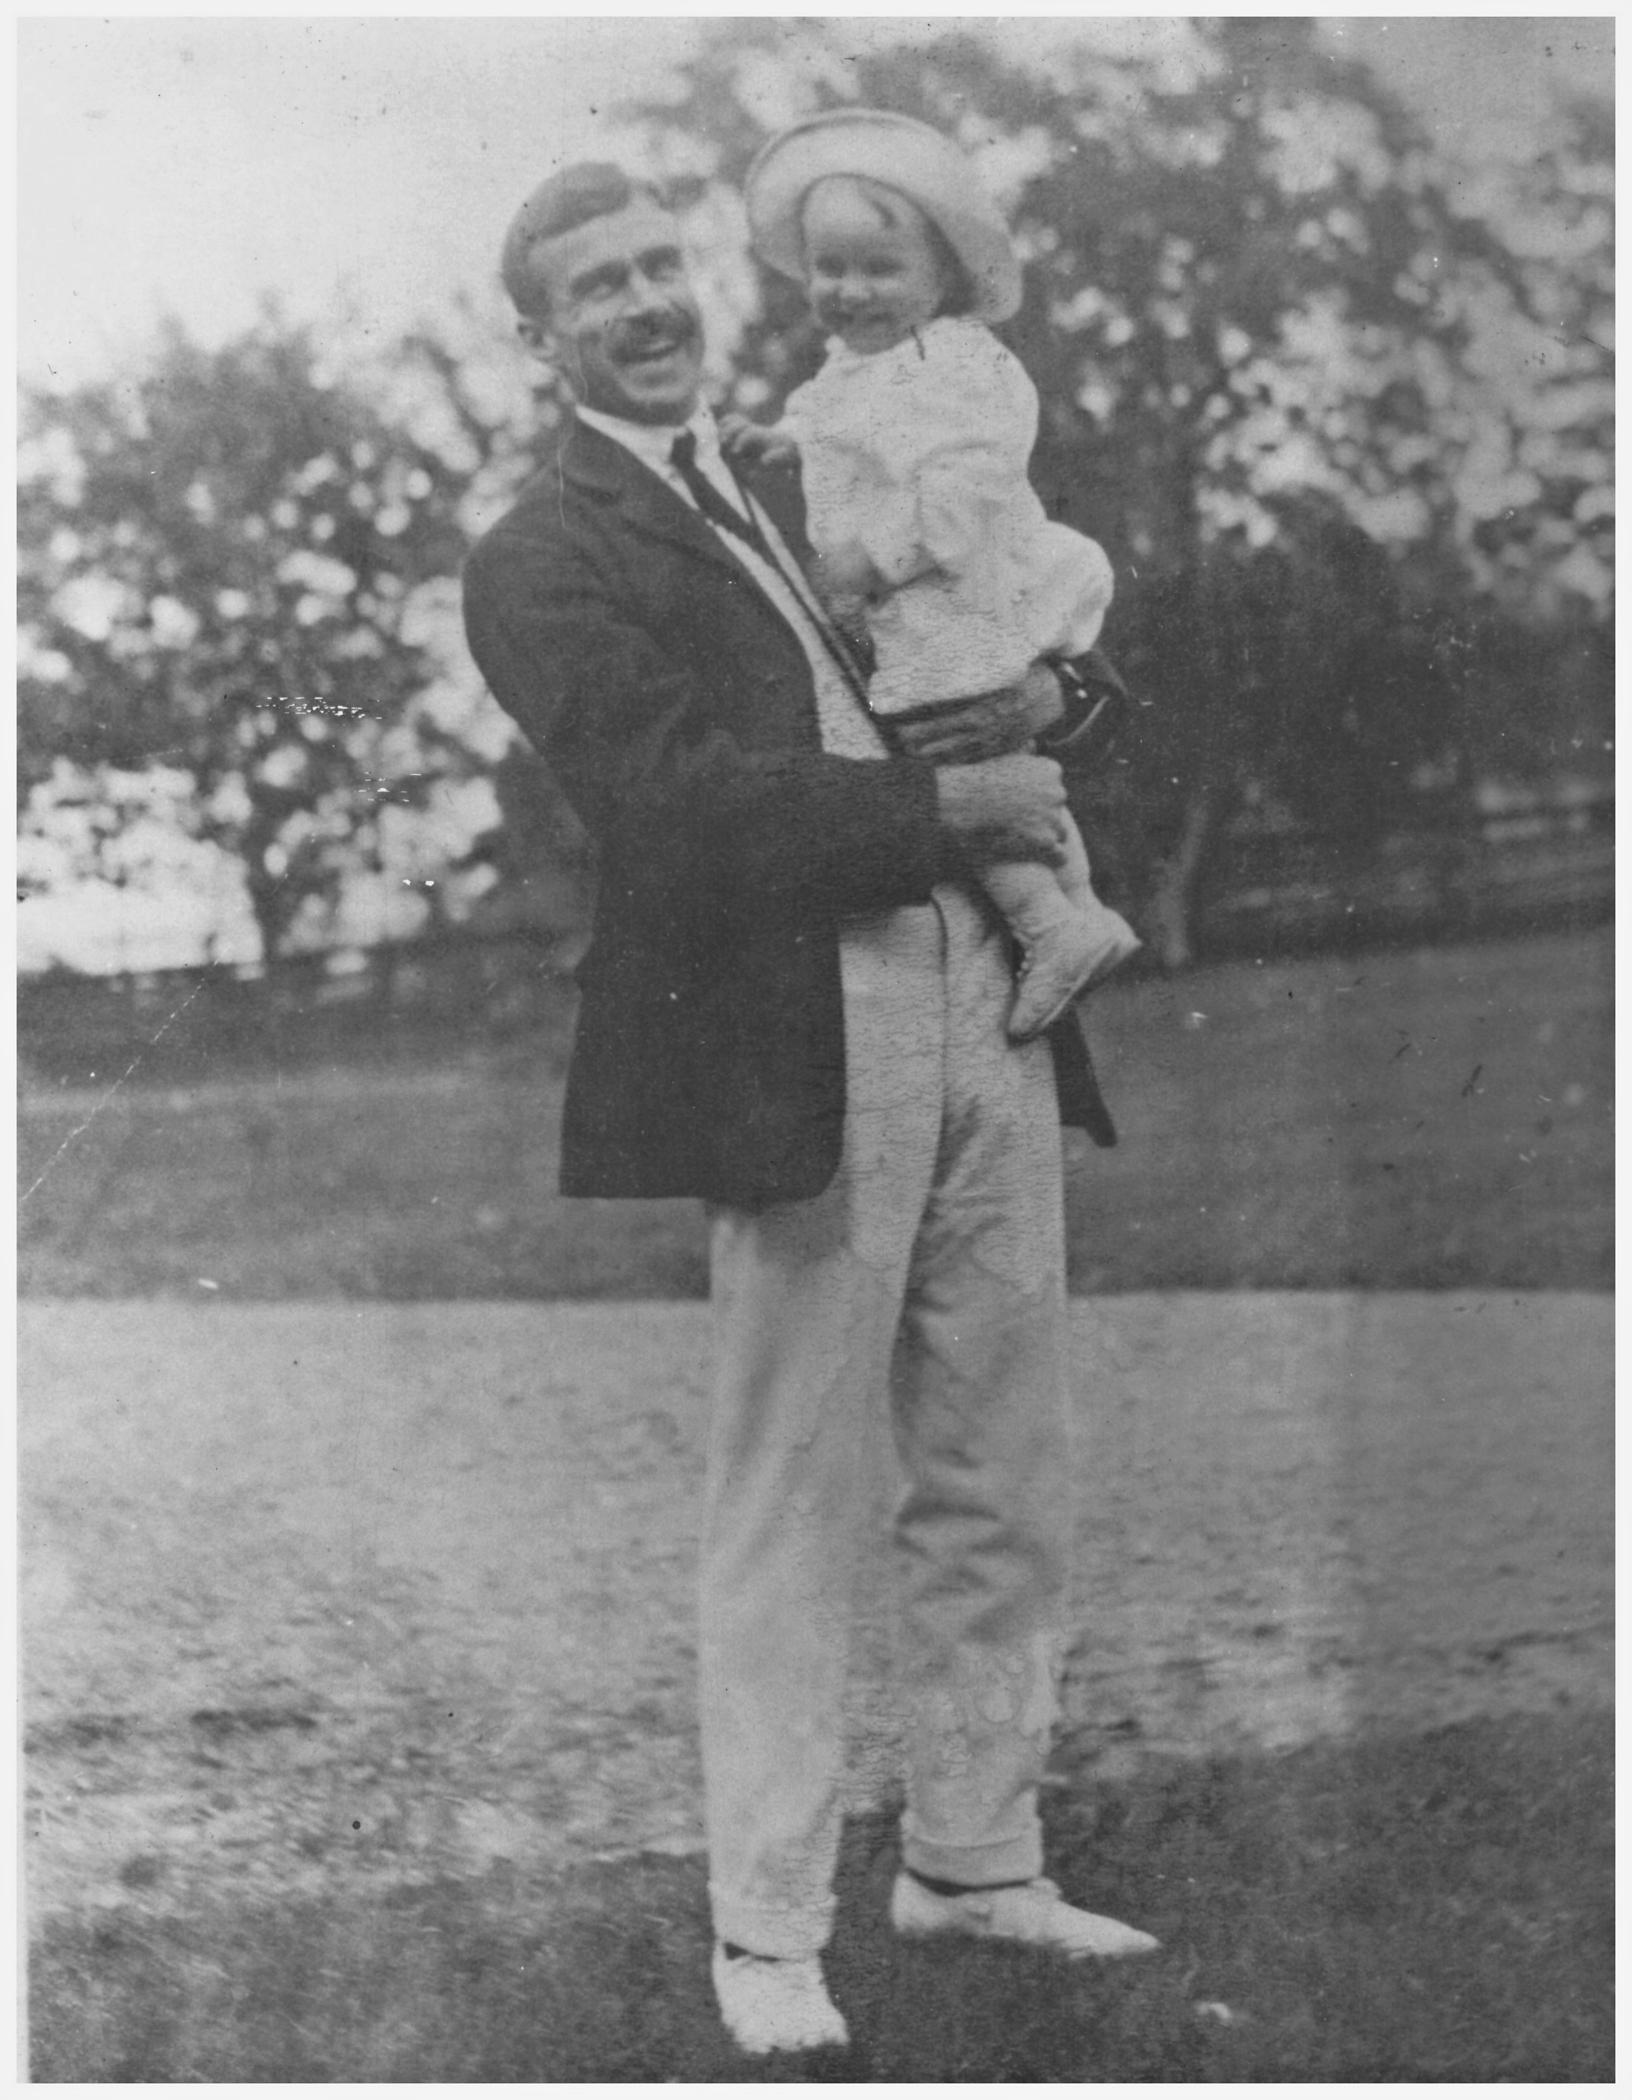 Photographie noir et blanc d'un homme de grande taille (Kenneth Molson), souriant, tenant dans ses bras un enfant en bas âge, lui aussi souriant, posant à l'extérieur sur une pelouse devant une rangée d'arbres en arrière-plan.